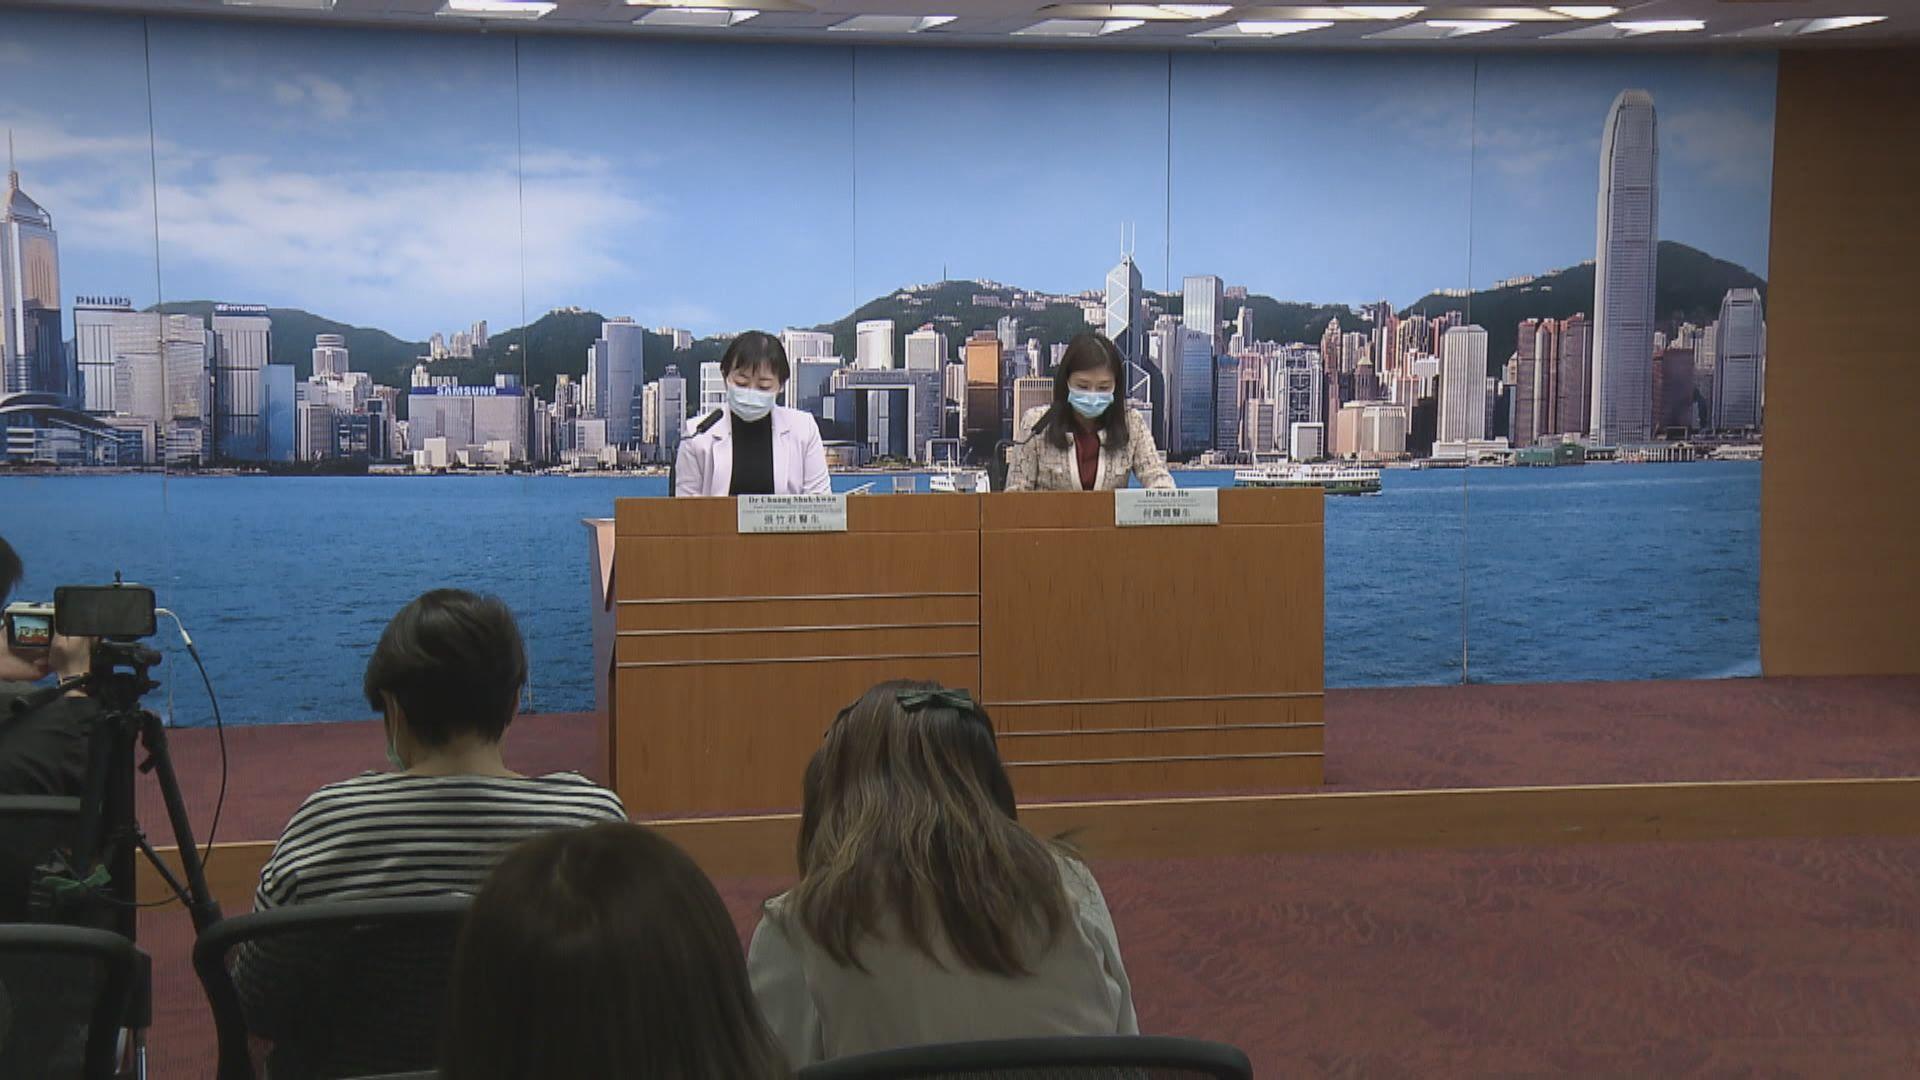 醫管局:內地港人返港後完成檢疫才可接受預約服務